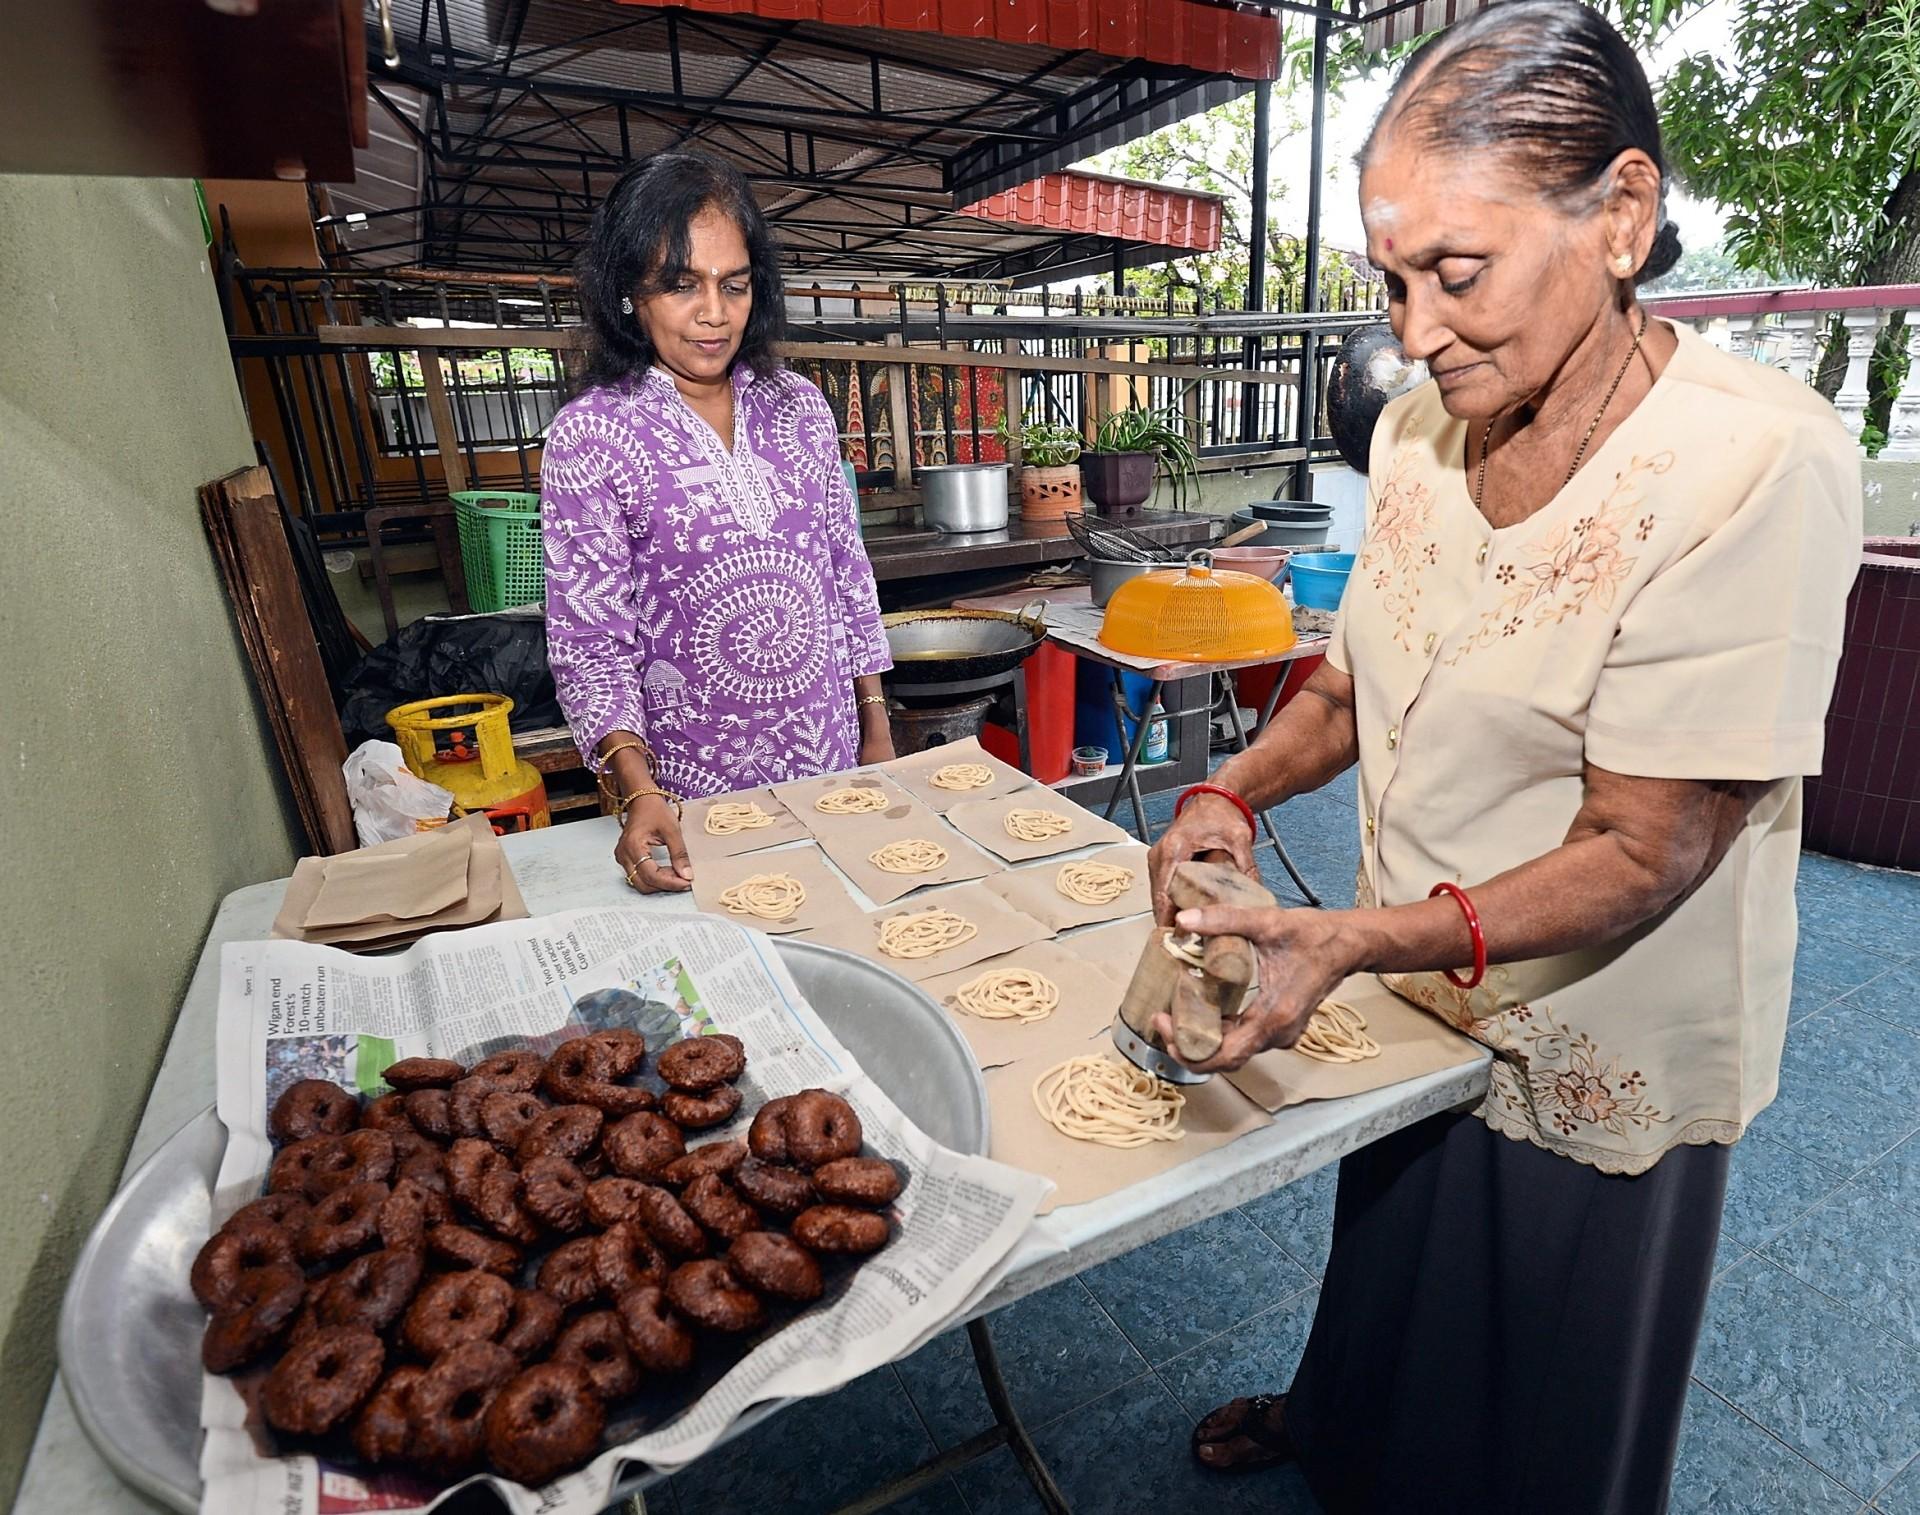 Vijialetchmi (right) and Shela Devi preparing murukku and athirasam at their home in Taman Bertek, Klang.